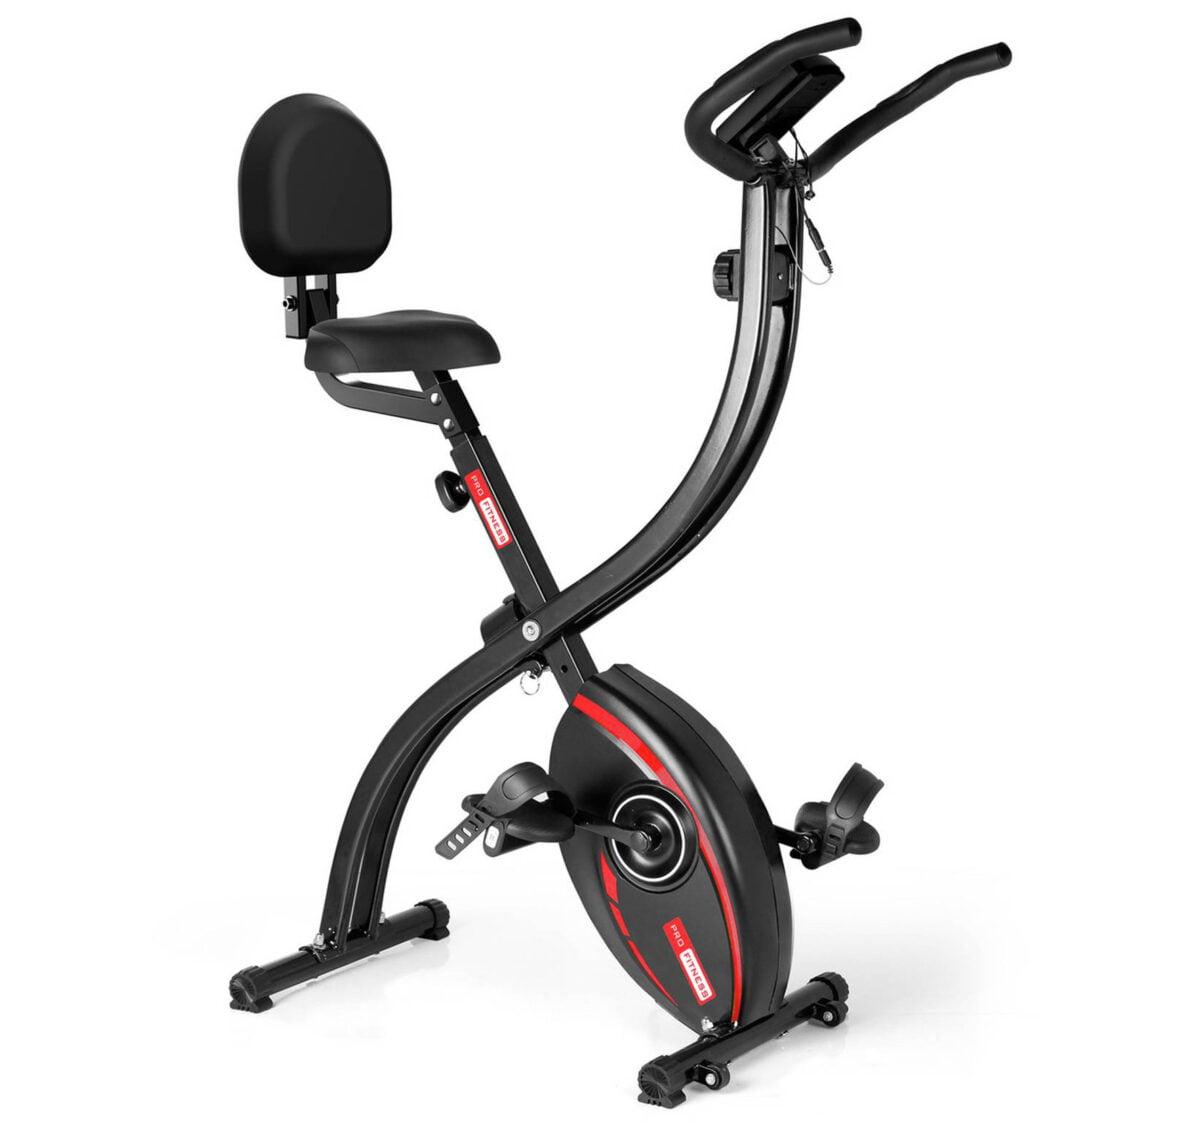 Pro Fitness FEB2000 Folding Exercise Bike Voucher Code